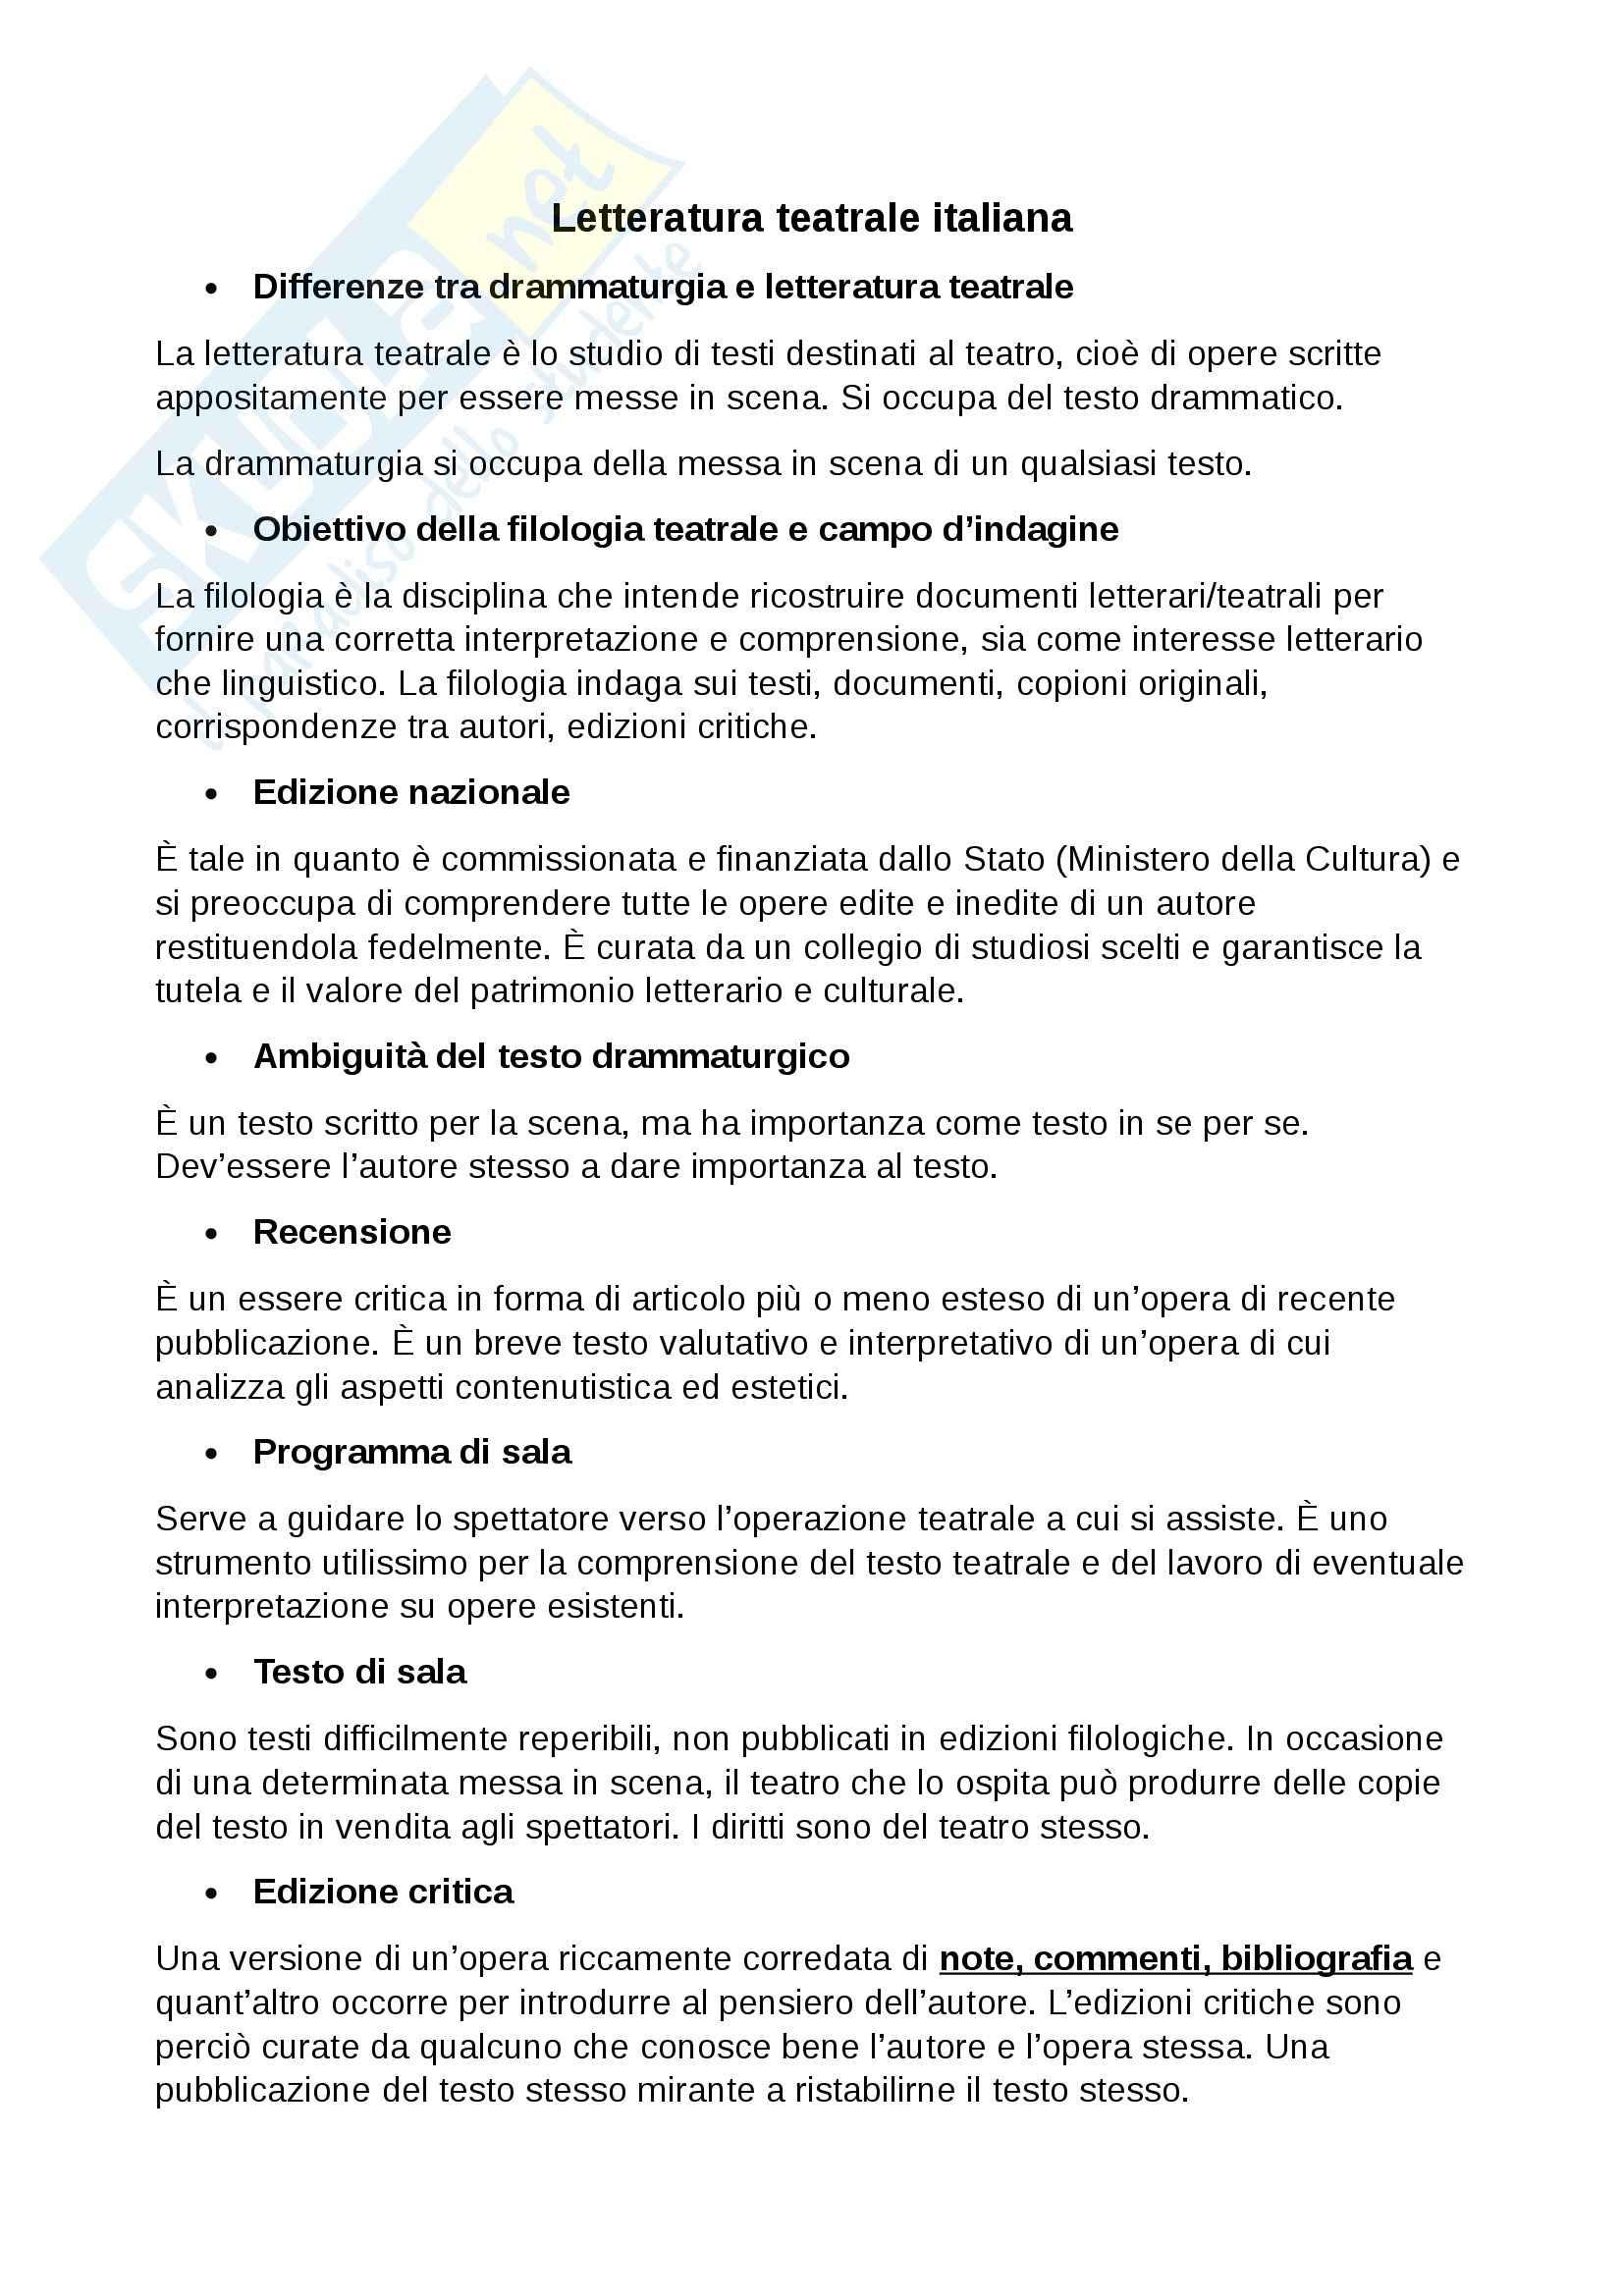 Lezioni: Appunti di Letteratura teatrale italiana